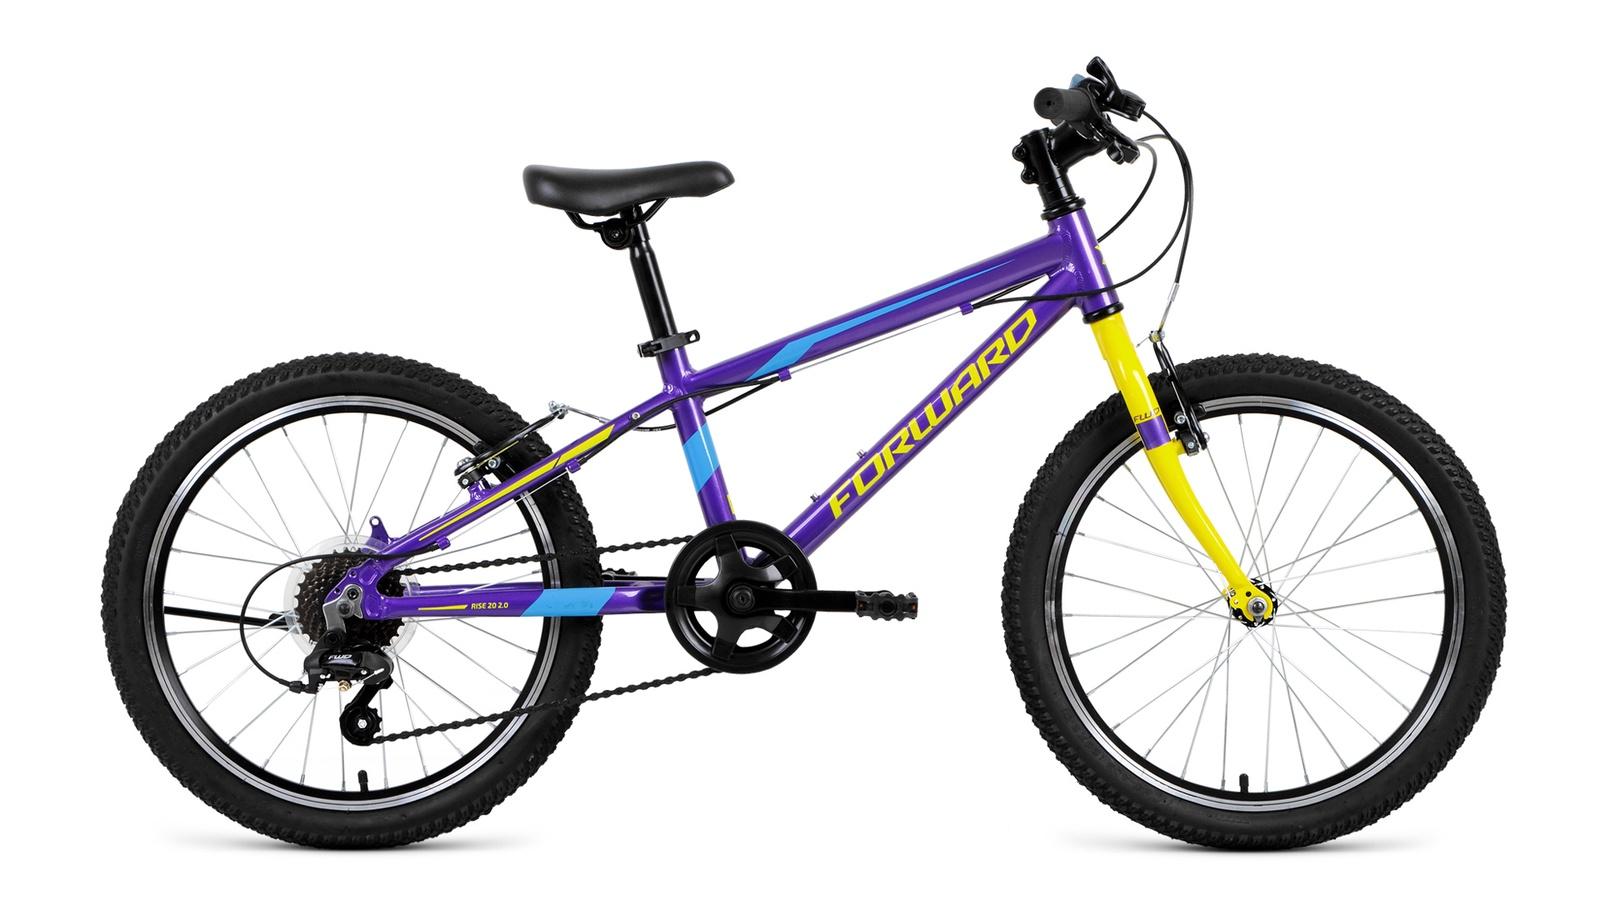 Велосипед Forward Rise 20 2.0, фиолетовый, желтый велосипед forward iris 20 желтый ростовка 10 5